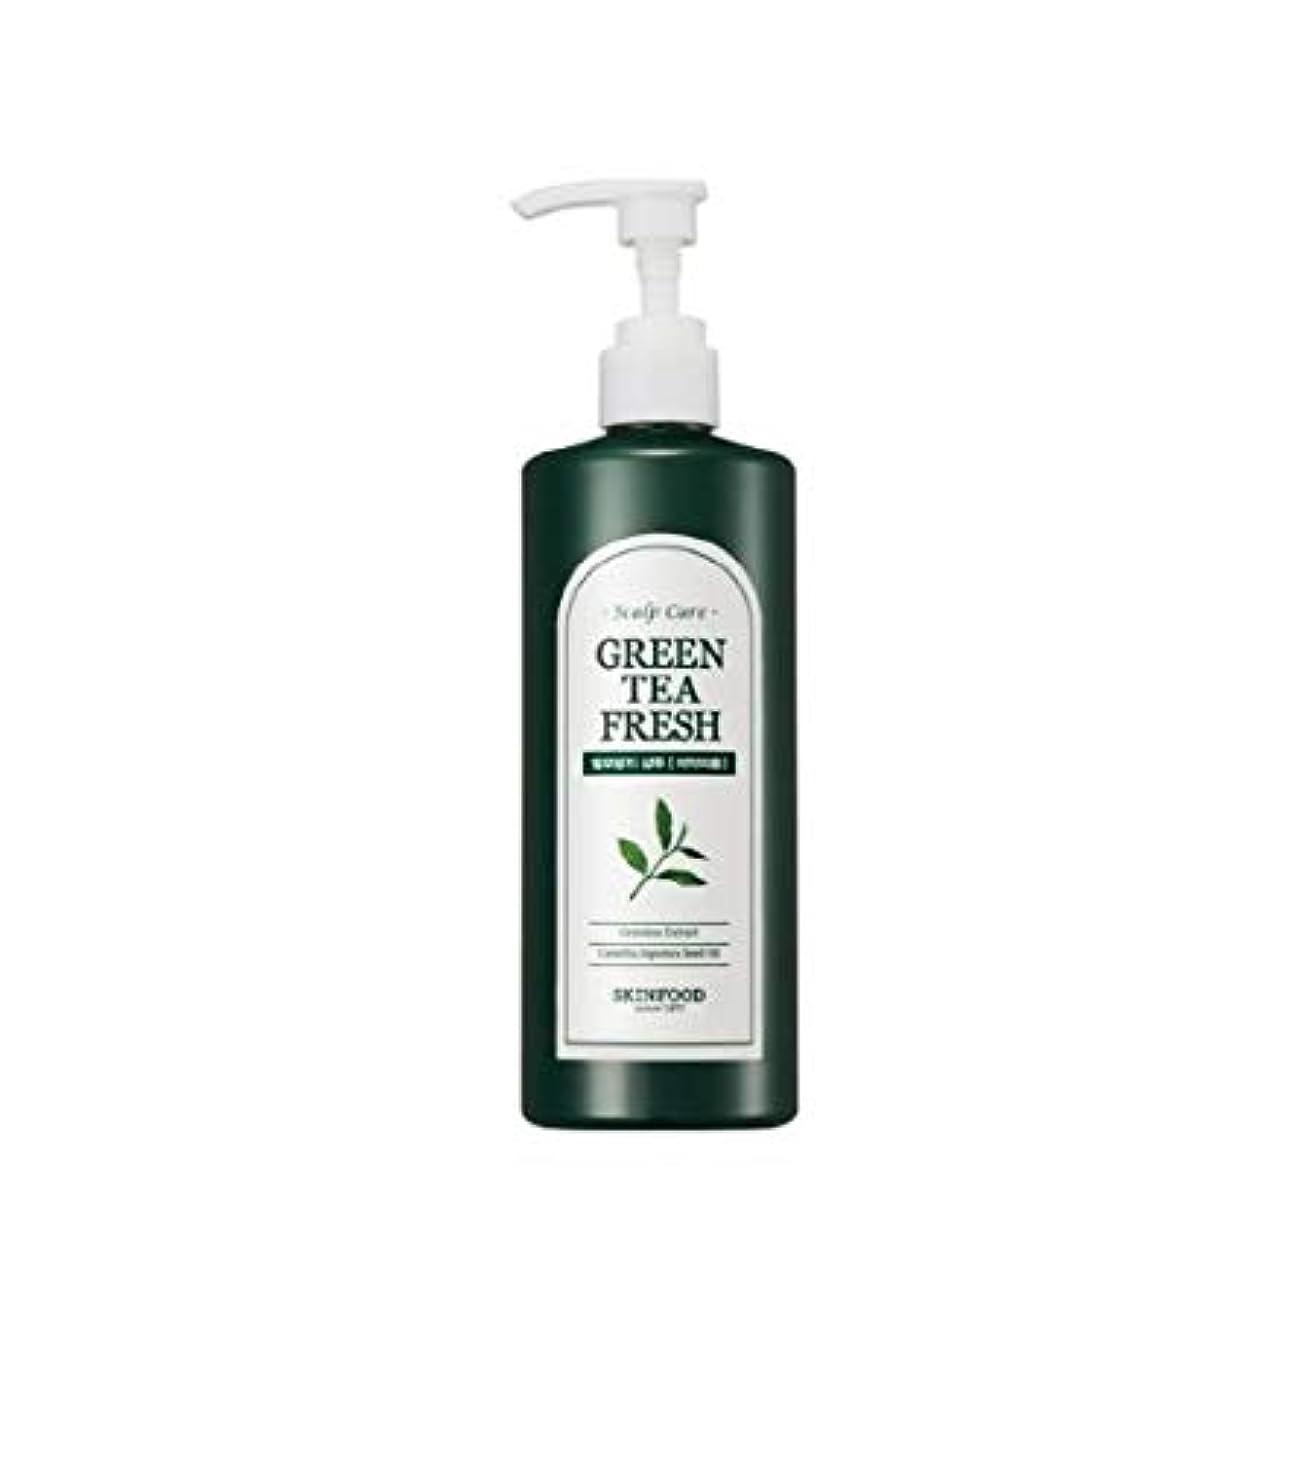 回想累積絶滅したSkinfood グリーンティーフレッシュシャンプー/Greentea Fresh Shampoo 400ml [並行輸入品]